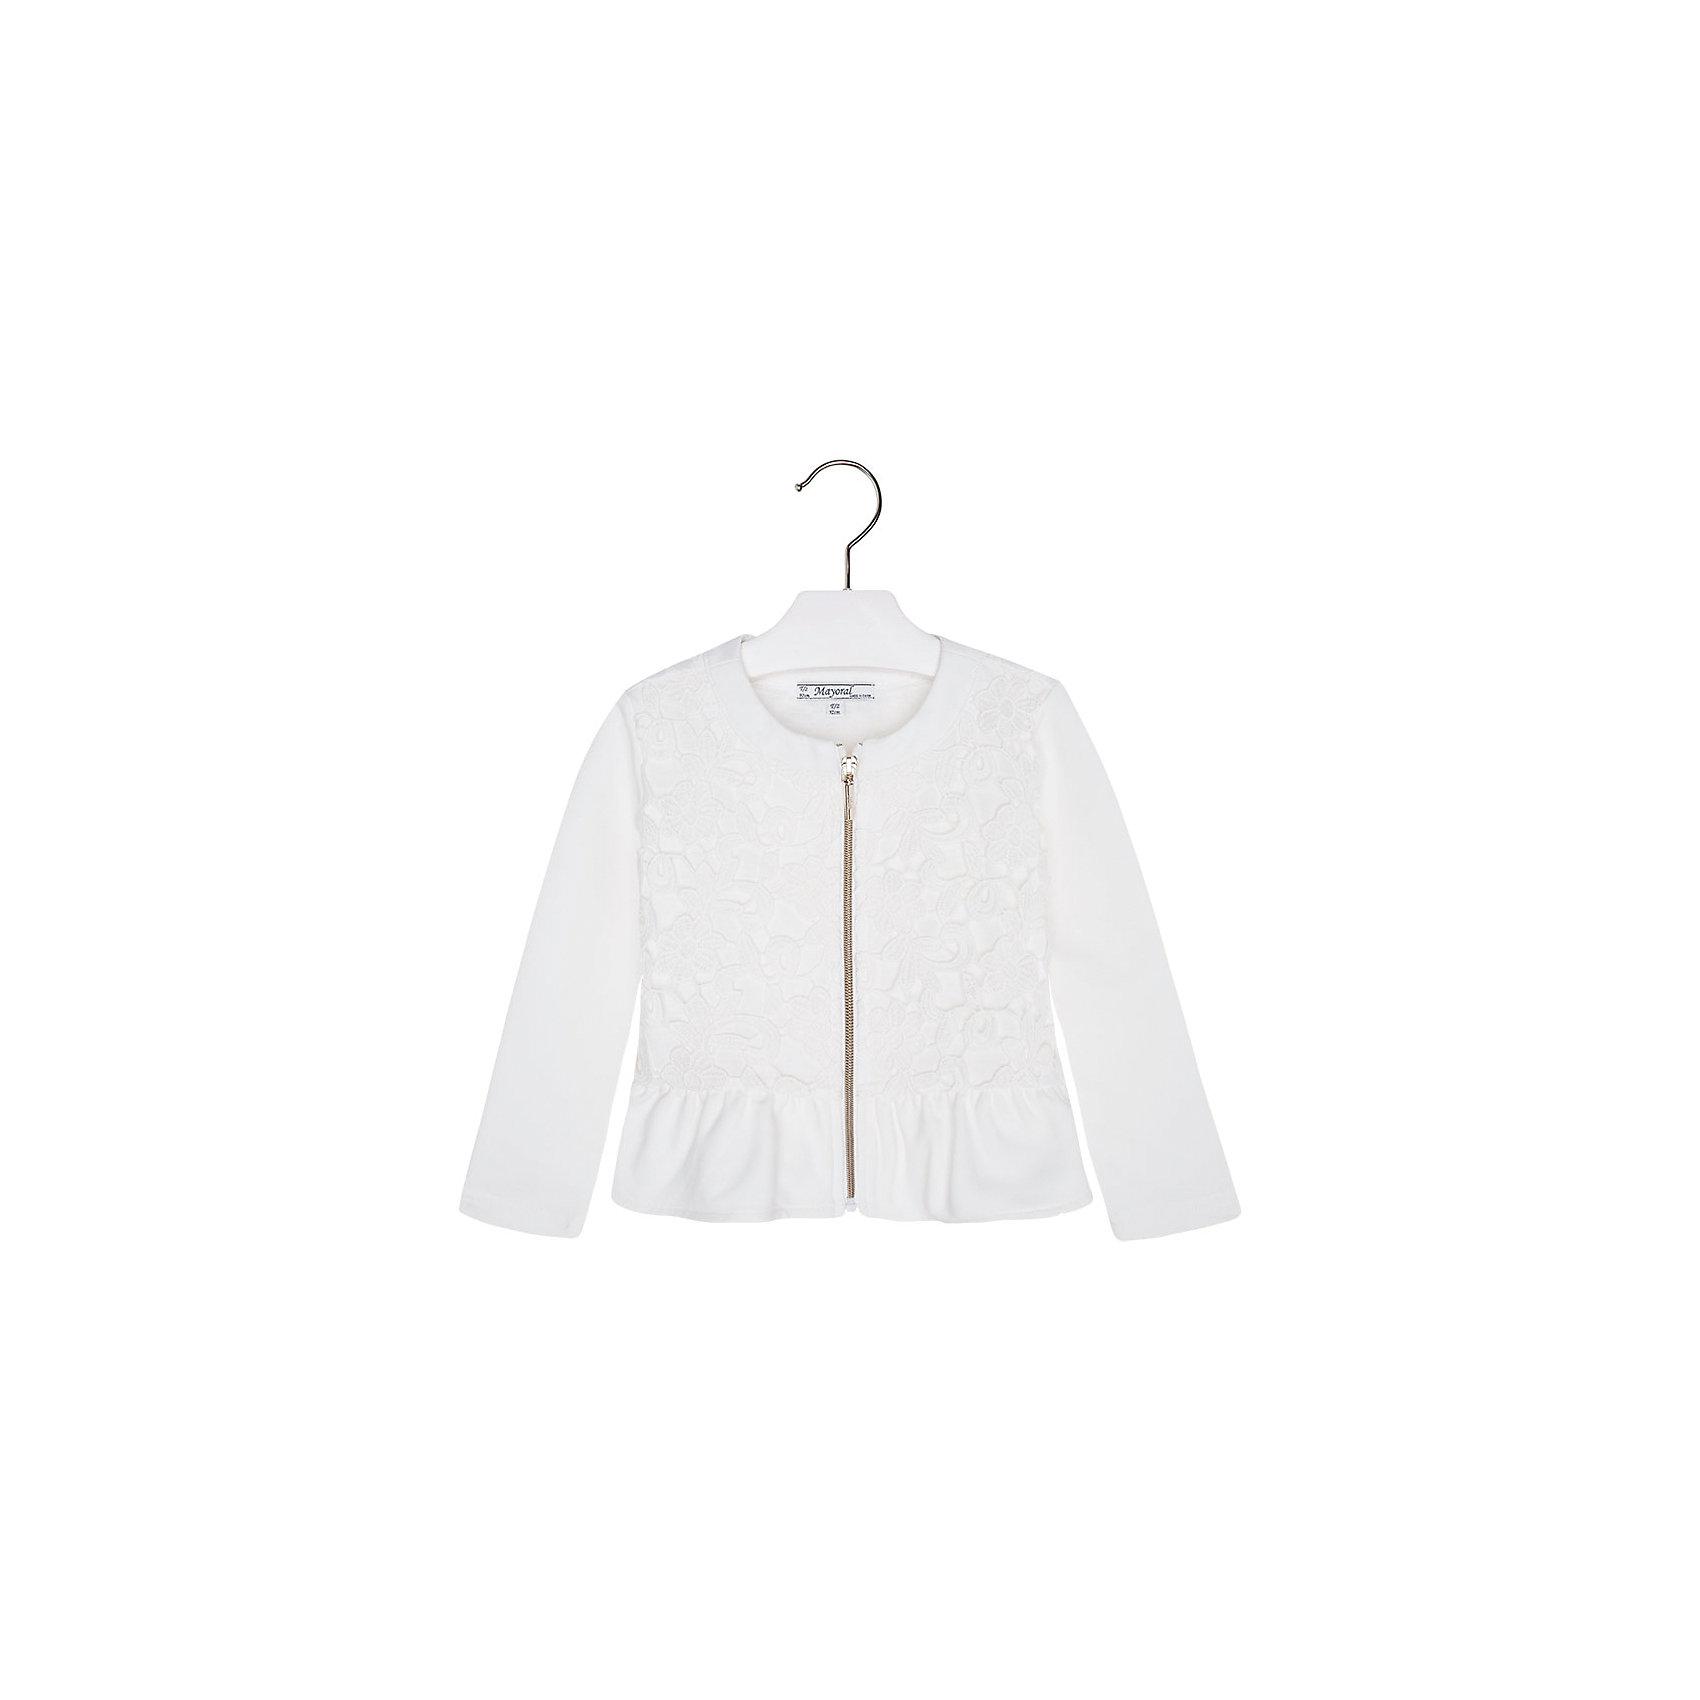 Пиджак для девочки MayoralПиджак для девочки от известной испанской марки Mayoral <br><br>Стильный светлый пиджак от Mayoral актуален в прохладную погоду. Он прекрасно сочетается с различным низом.  Модель выполнена из качественных материалов, отлично садится по фигуре.<br><br>Особенности модели:<br><br>- цвет: белый;<br>- рукава длинные;<br>- украшен гипюром;<br>- молния;<br>- круглый горловой вырез;<br>- отделка низа воланом.<br><br>Дополнительная информация:<br><br>Состав: 69% полиэстер, 30% хлопок, 1% эластан<br><br>Пиджак для девочки Mayoral (Майорал) можно купить в нашем магазине.<br><br>Ширина мм: 356<br>Глубина мм: 10<br>Высота мм: 245<br>Вес г: 519<br>Цвет: белый<br>Возраст от месяцев: 48<br>Возраст до месяцев: 60<br>Пол: Женский<br>Возраст: Детский<br>Размер: 110,98,104,116,128,134,122<br>SKU: 4542126